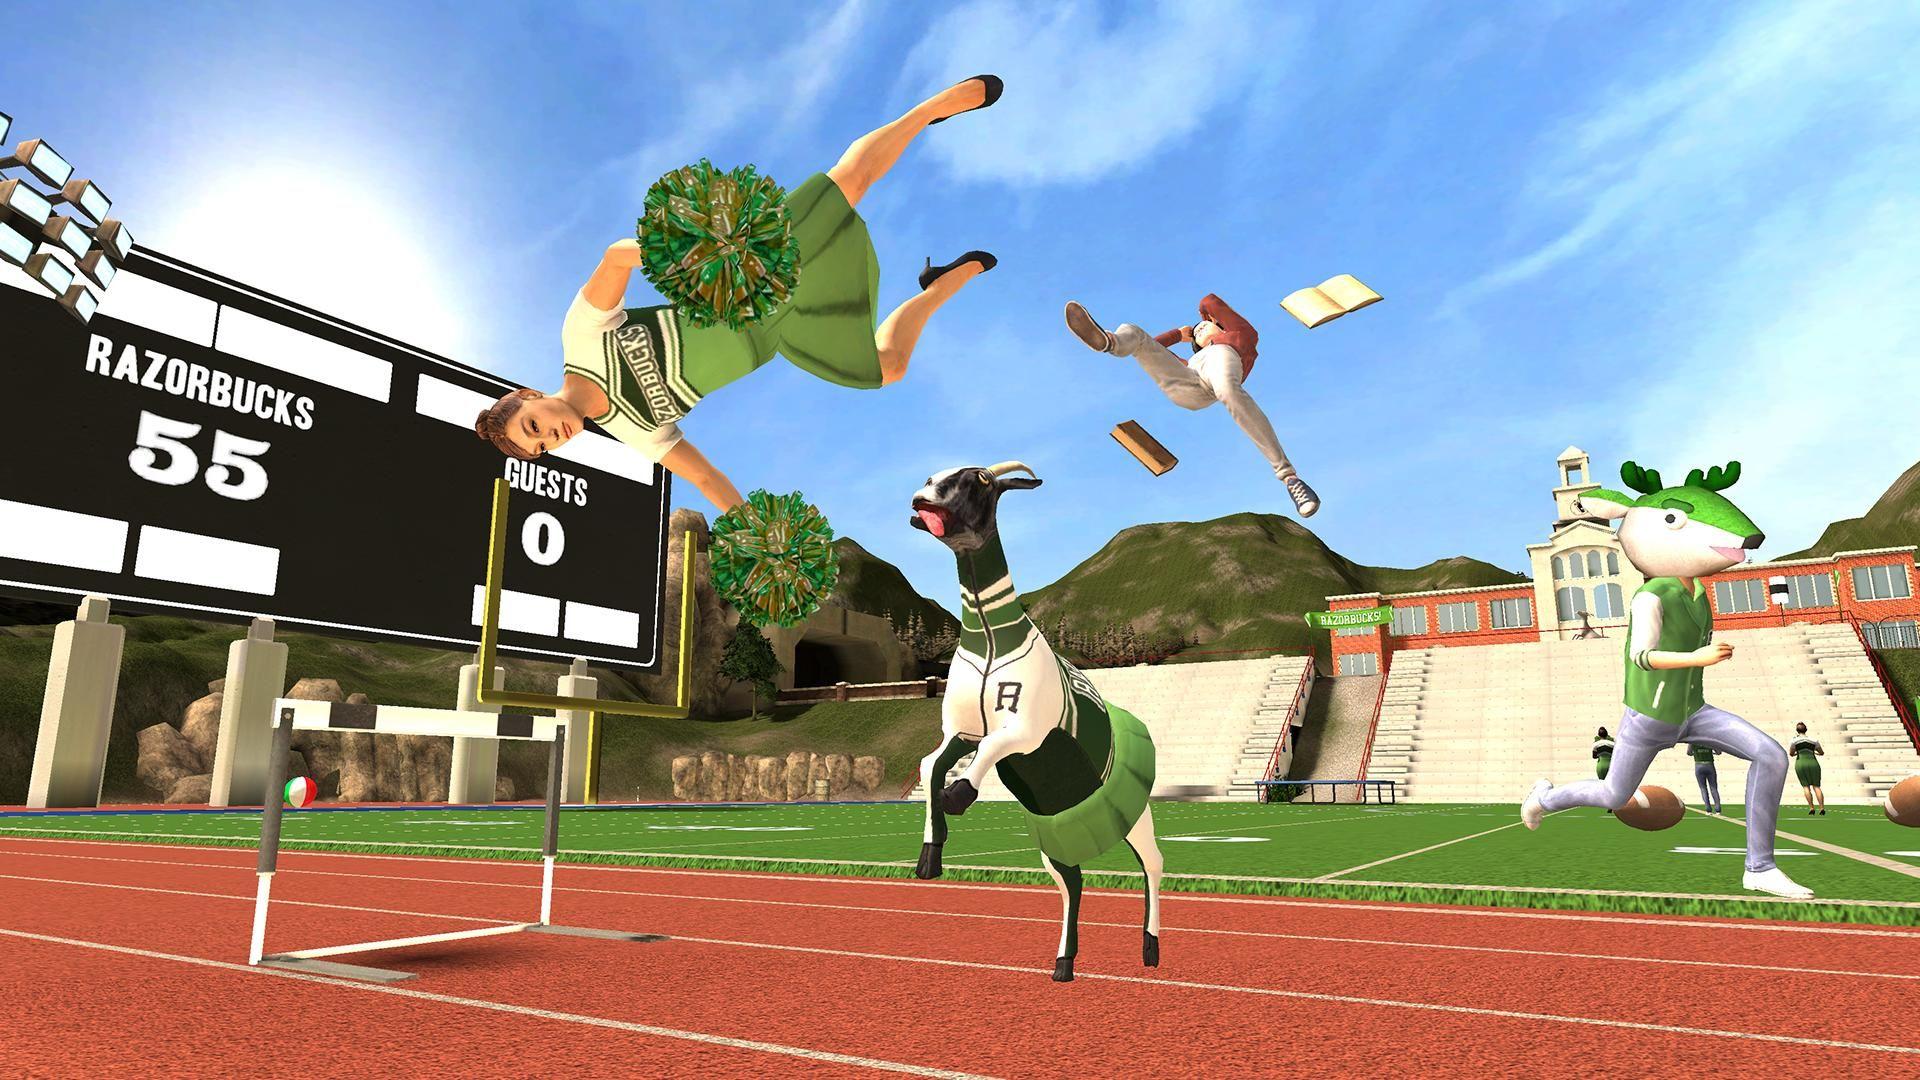 模拟山羊 免费版 游戏截图4